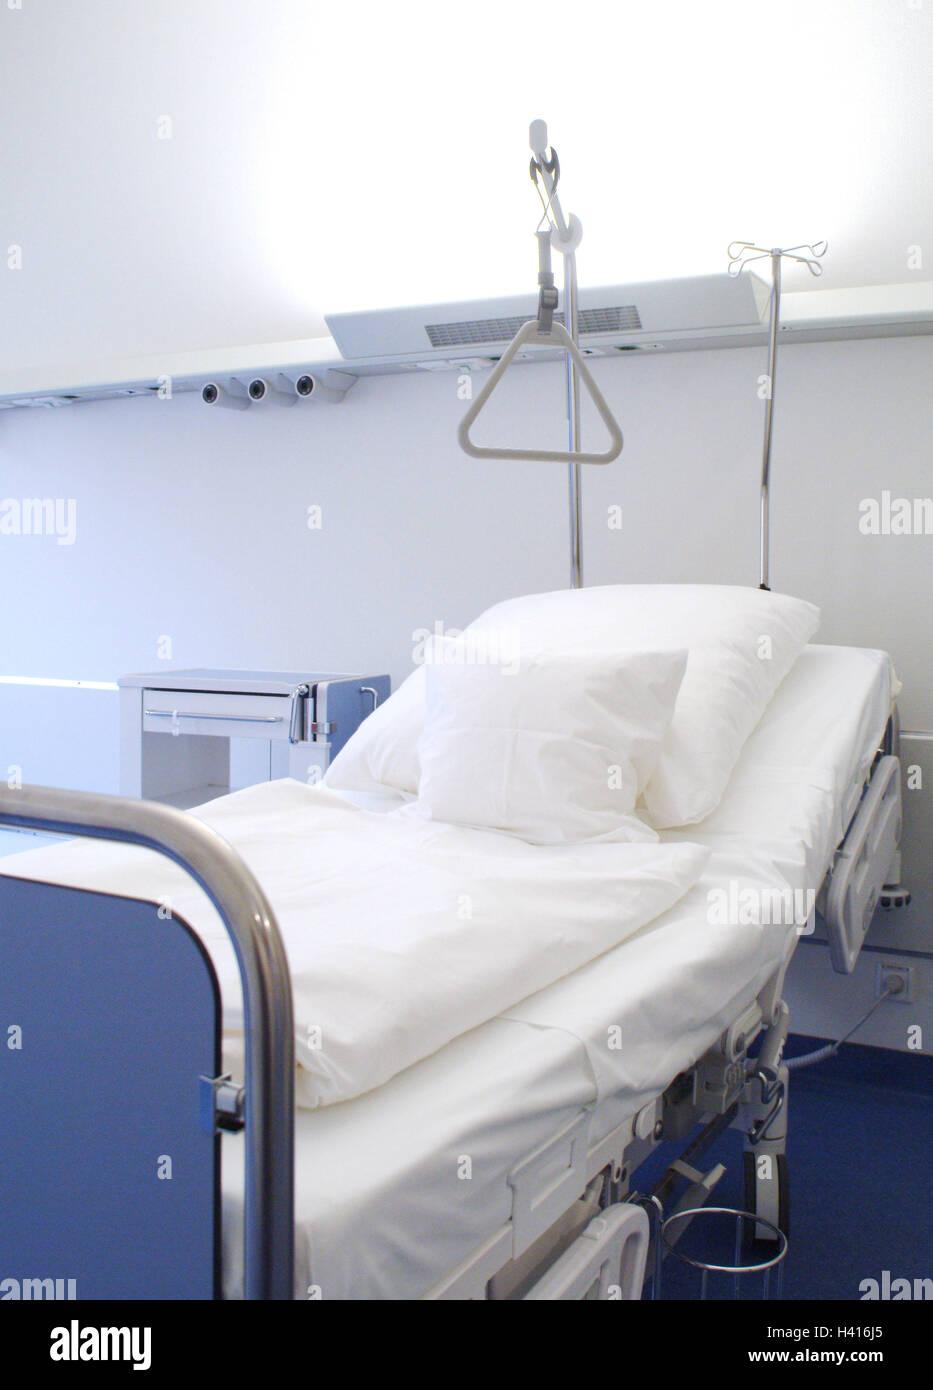 klinik, ward, bett, leer, nachttisch tisch krankenhaus, zimmer